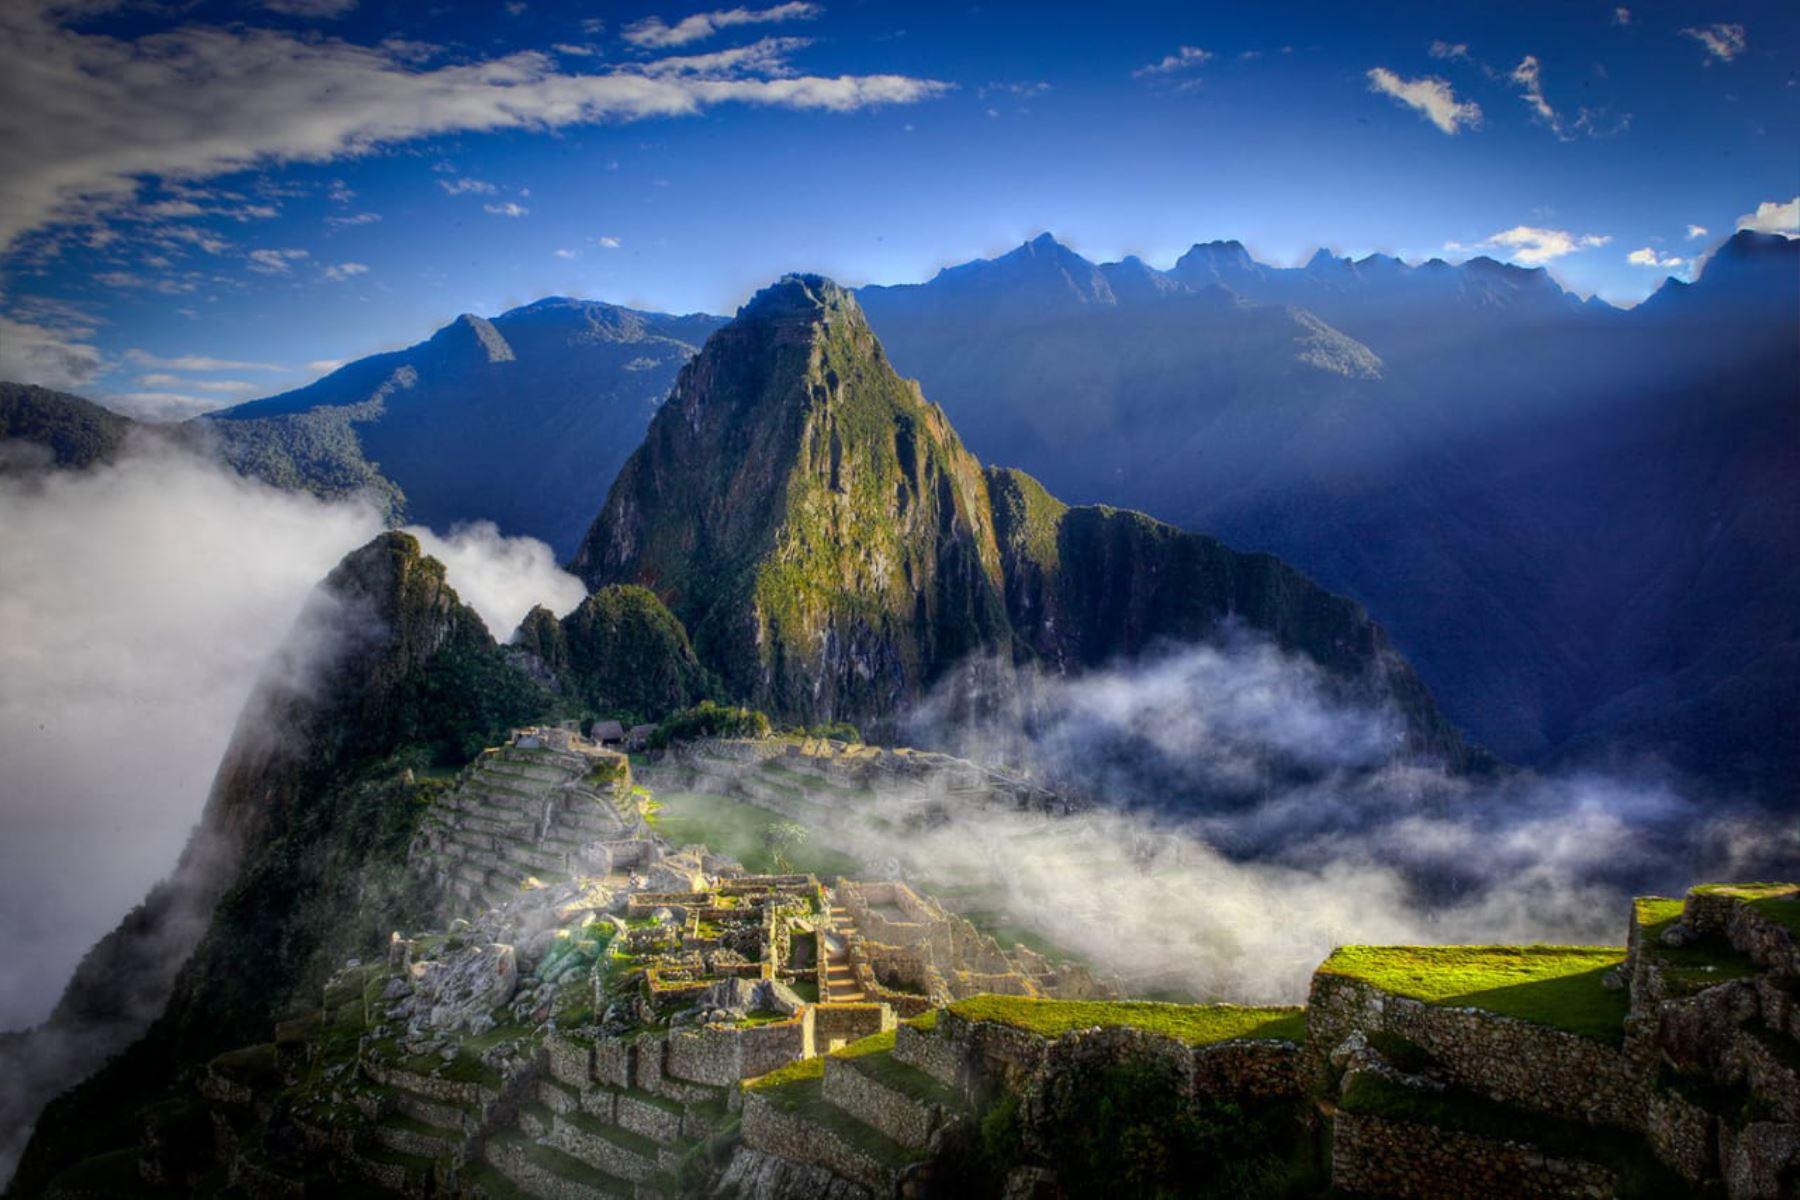 Aproximadamente en cinco meses se conocerá si Machu Picchu se convertirá en el primer destino turístico de carbono neutral en el mundo. Foto: ANDINA/Archivo